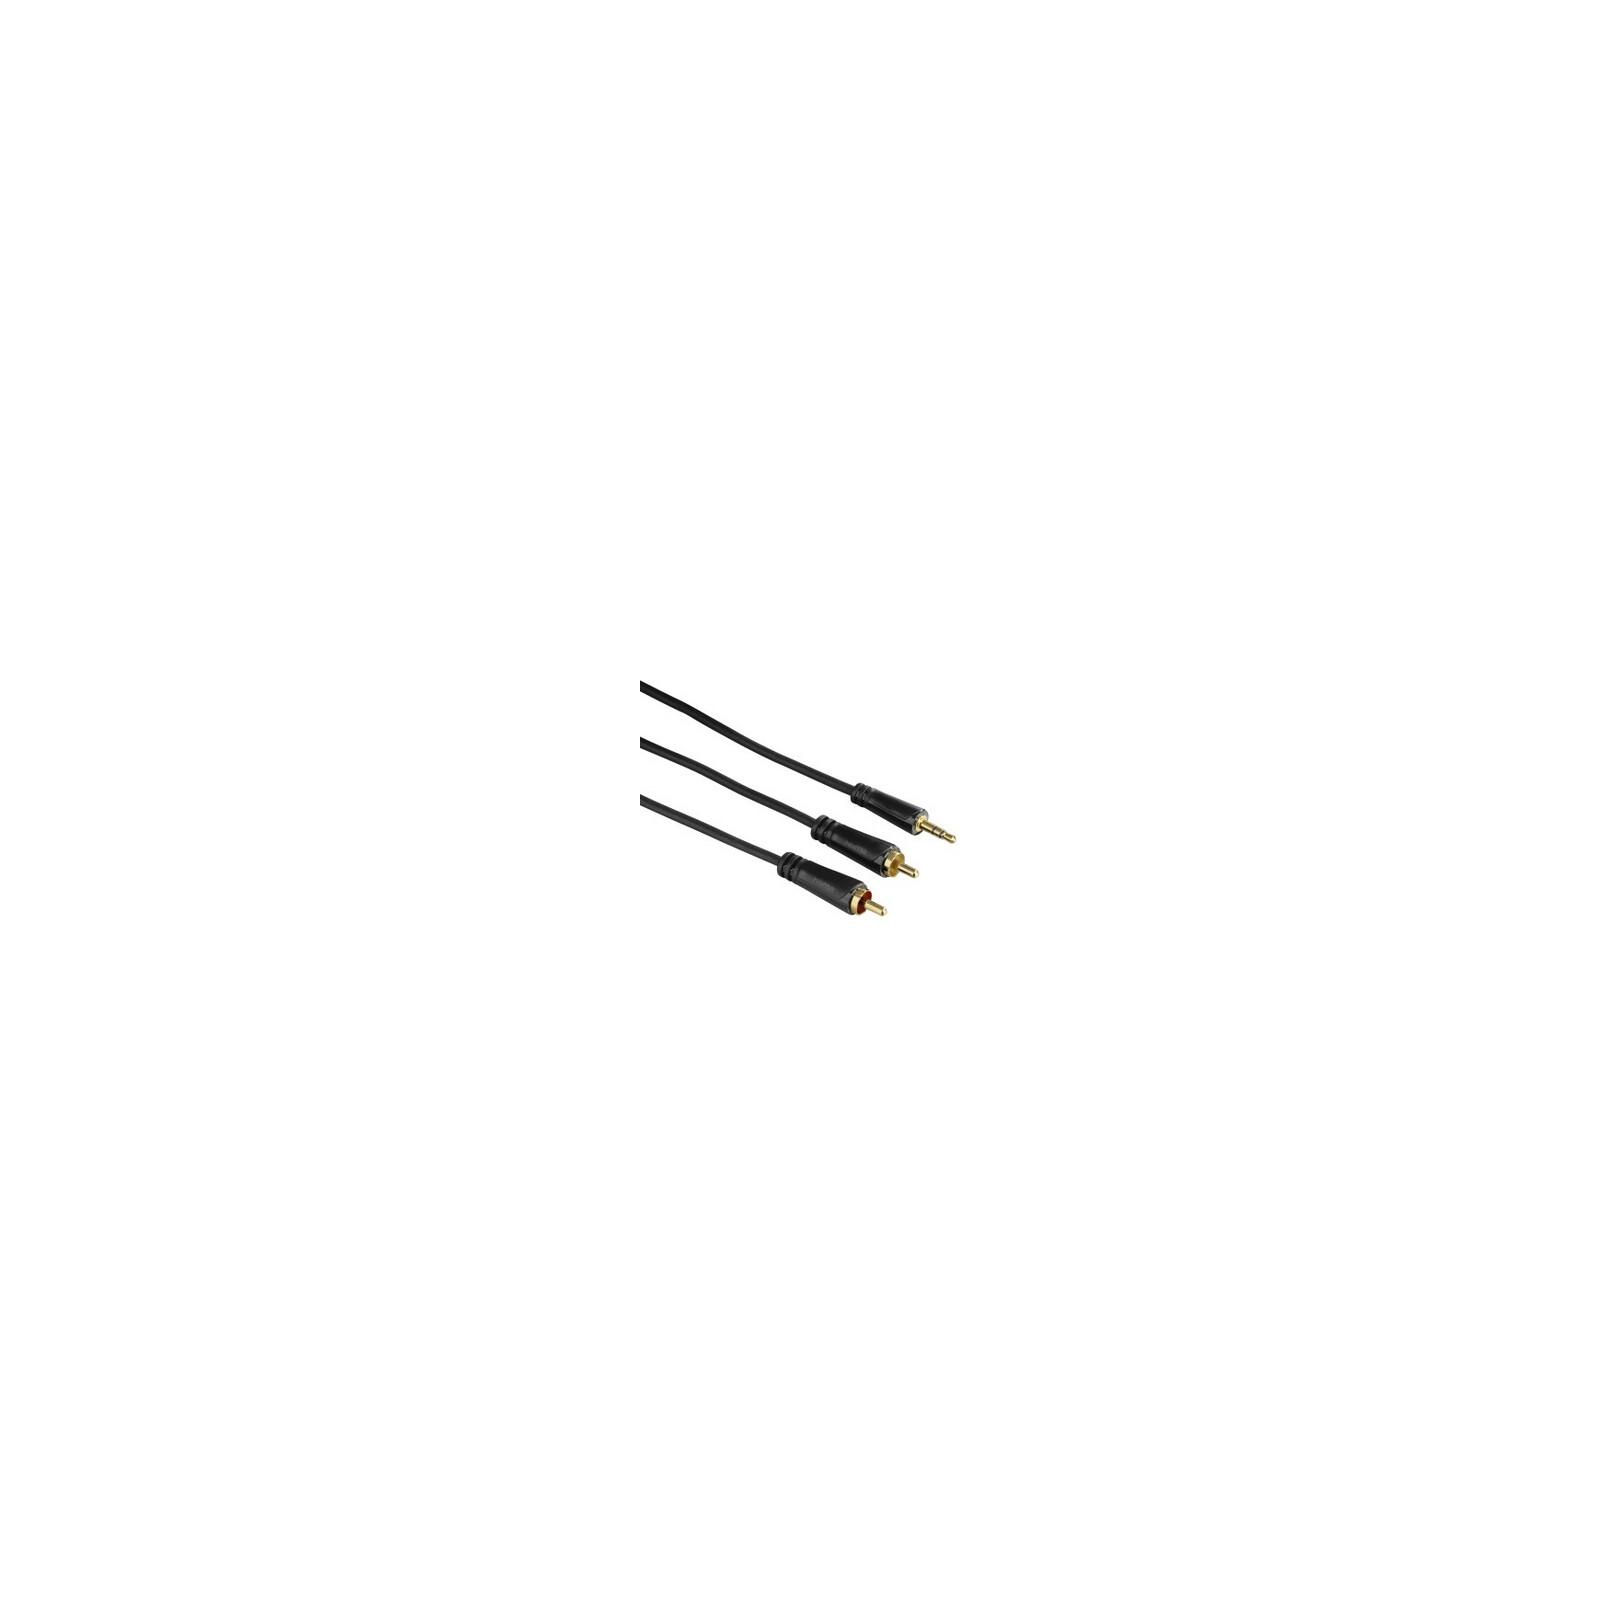 Hama 3,5-mm-Klinken-Stecker - 2 Cinch-Stecker